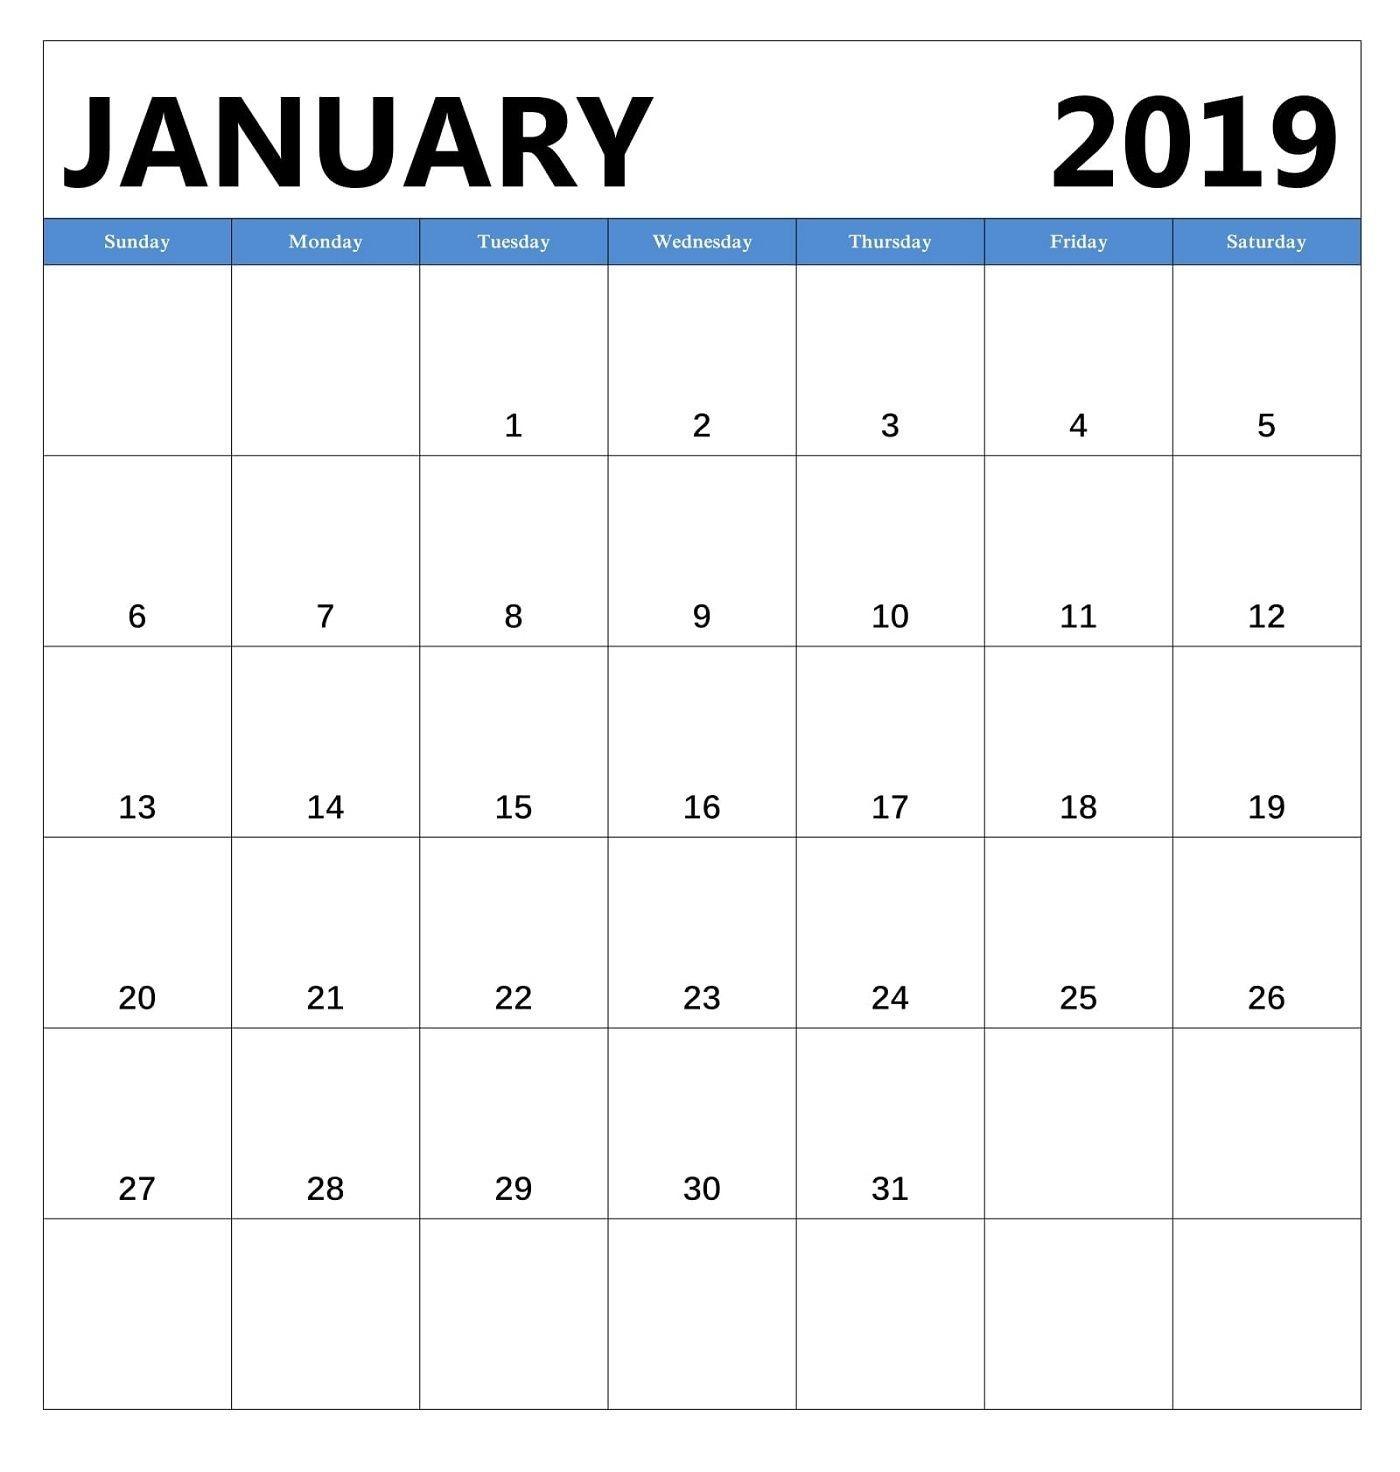 Monthly Calendar 2019 Excel Template Más Reciente January 2019 Monthly Calendar Editable January2019calendar